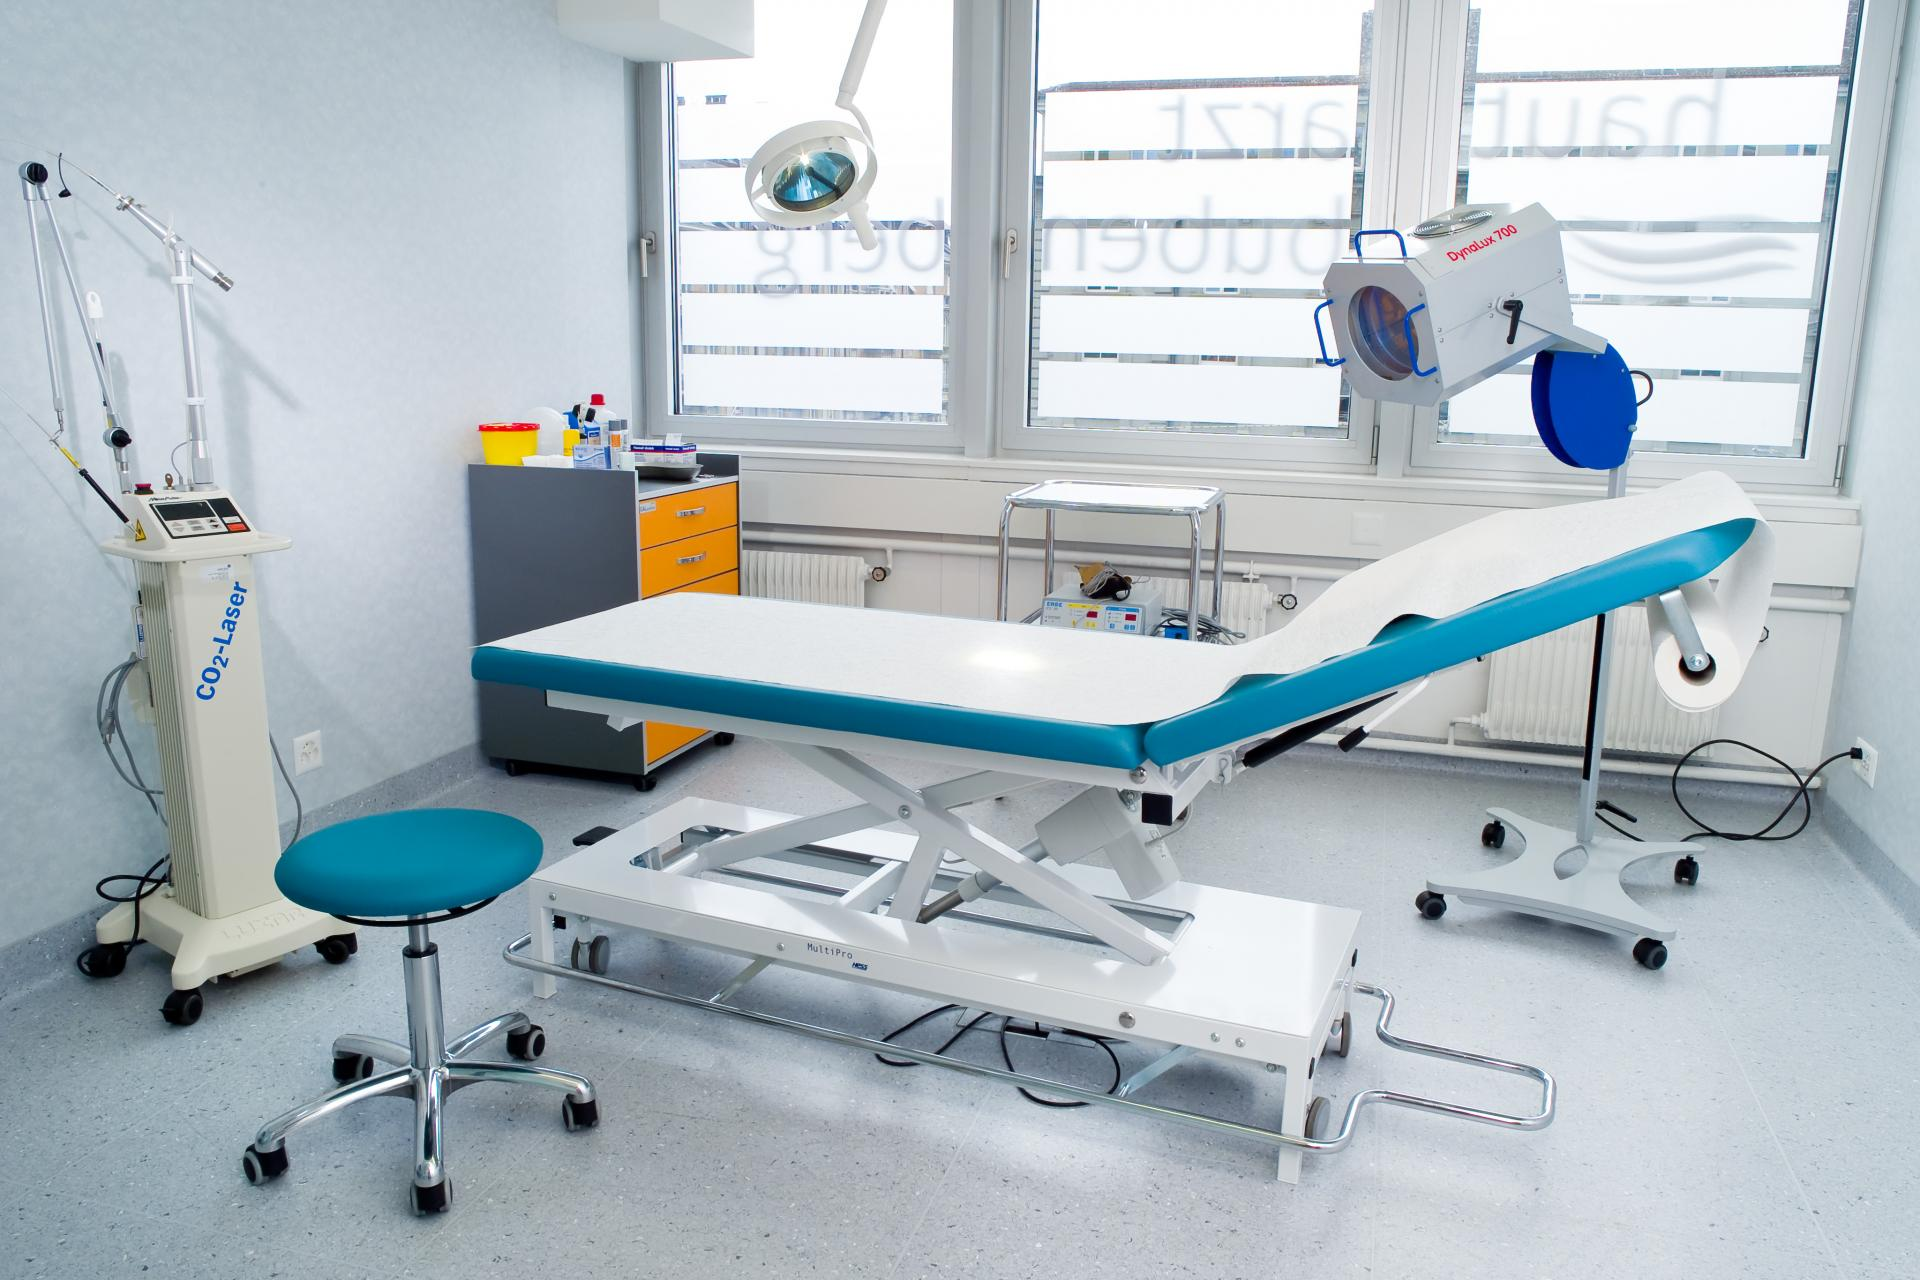 Zertifizierter Operationsraum mit Operationstisch in hellblau-grau-weiss | hautarzt-bubenberg.ch